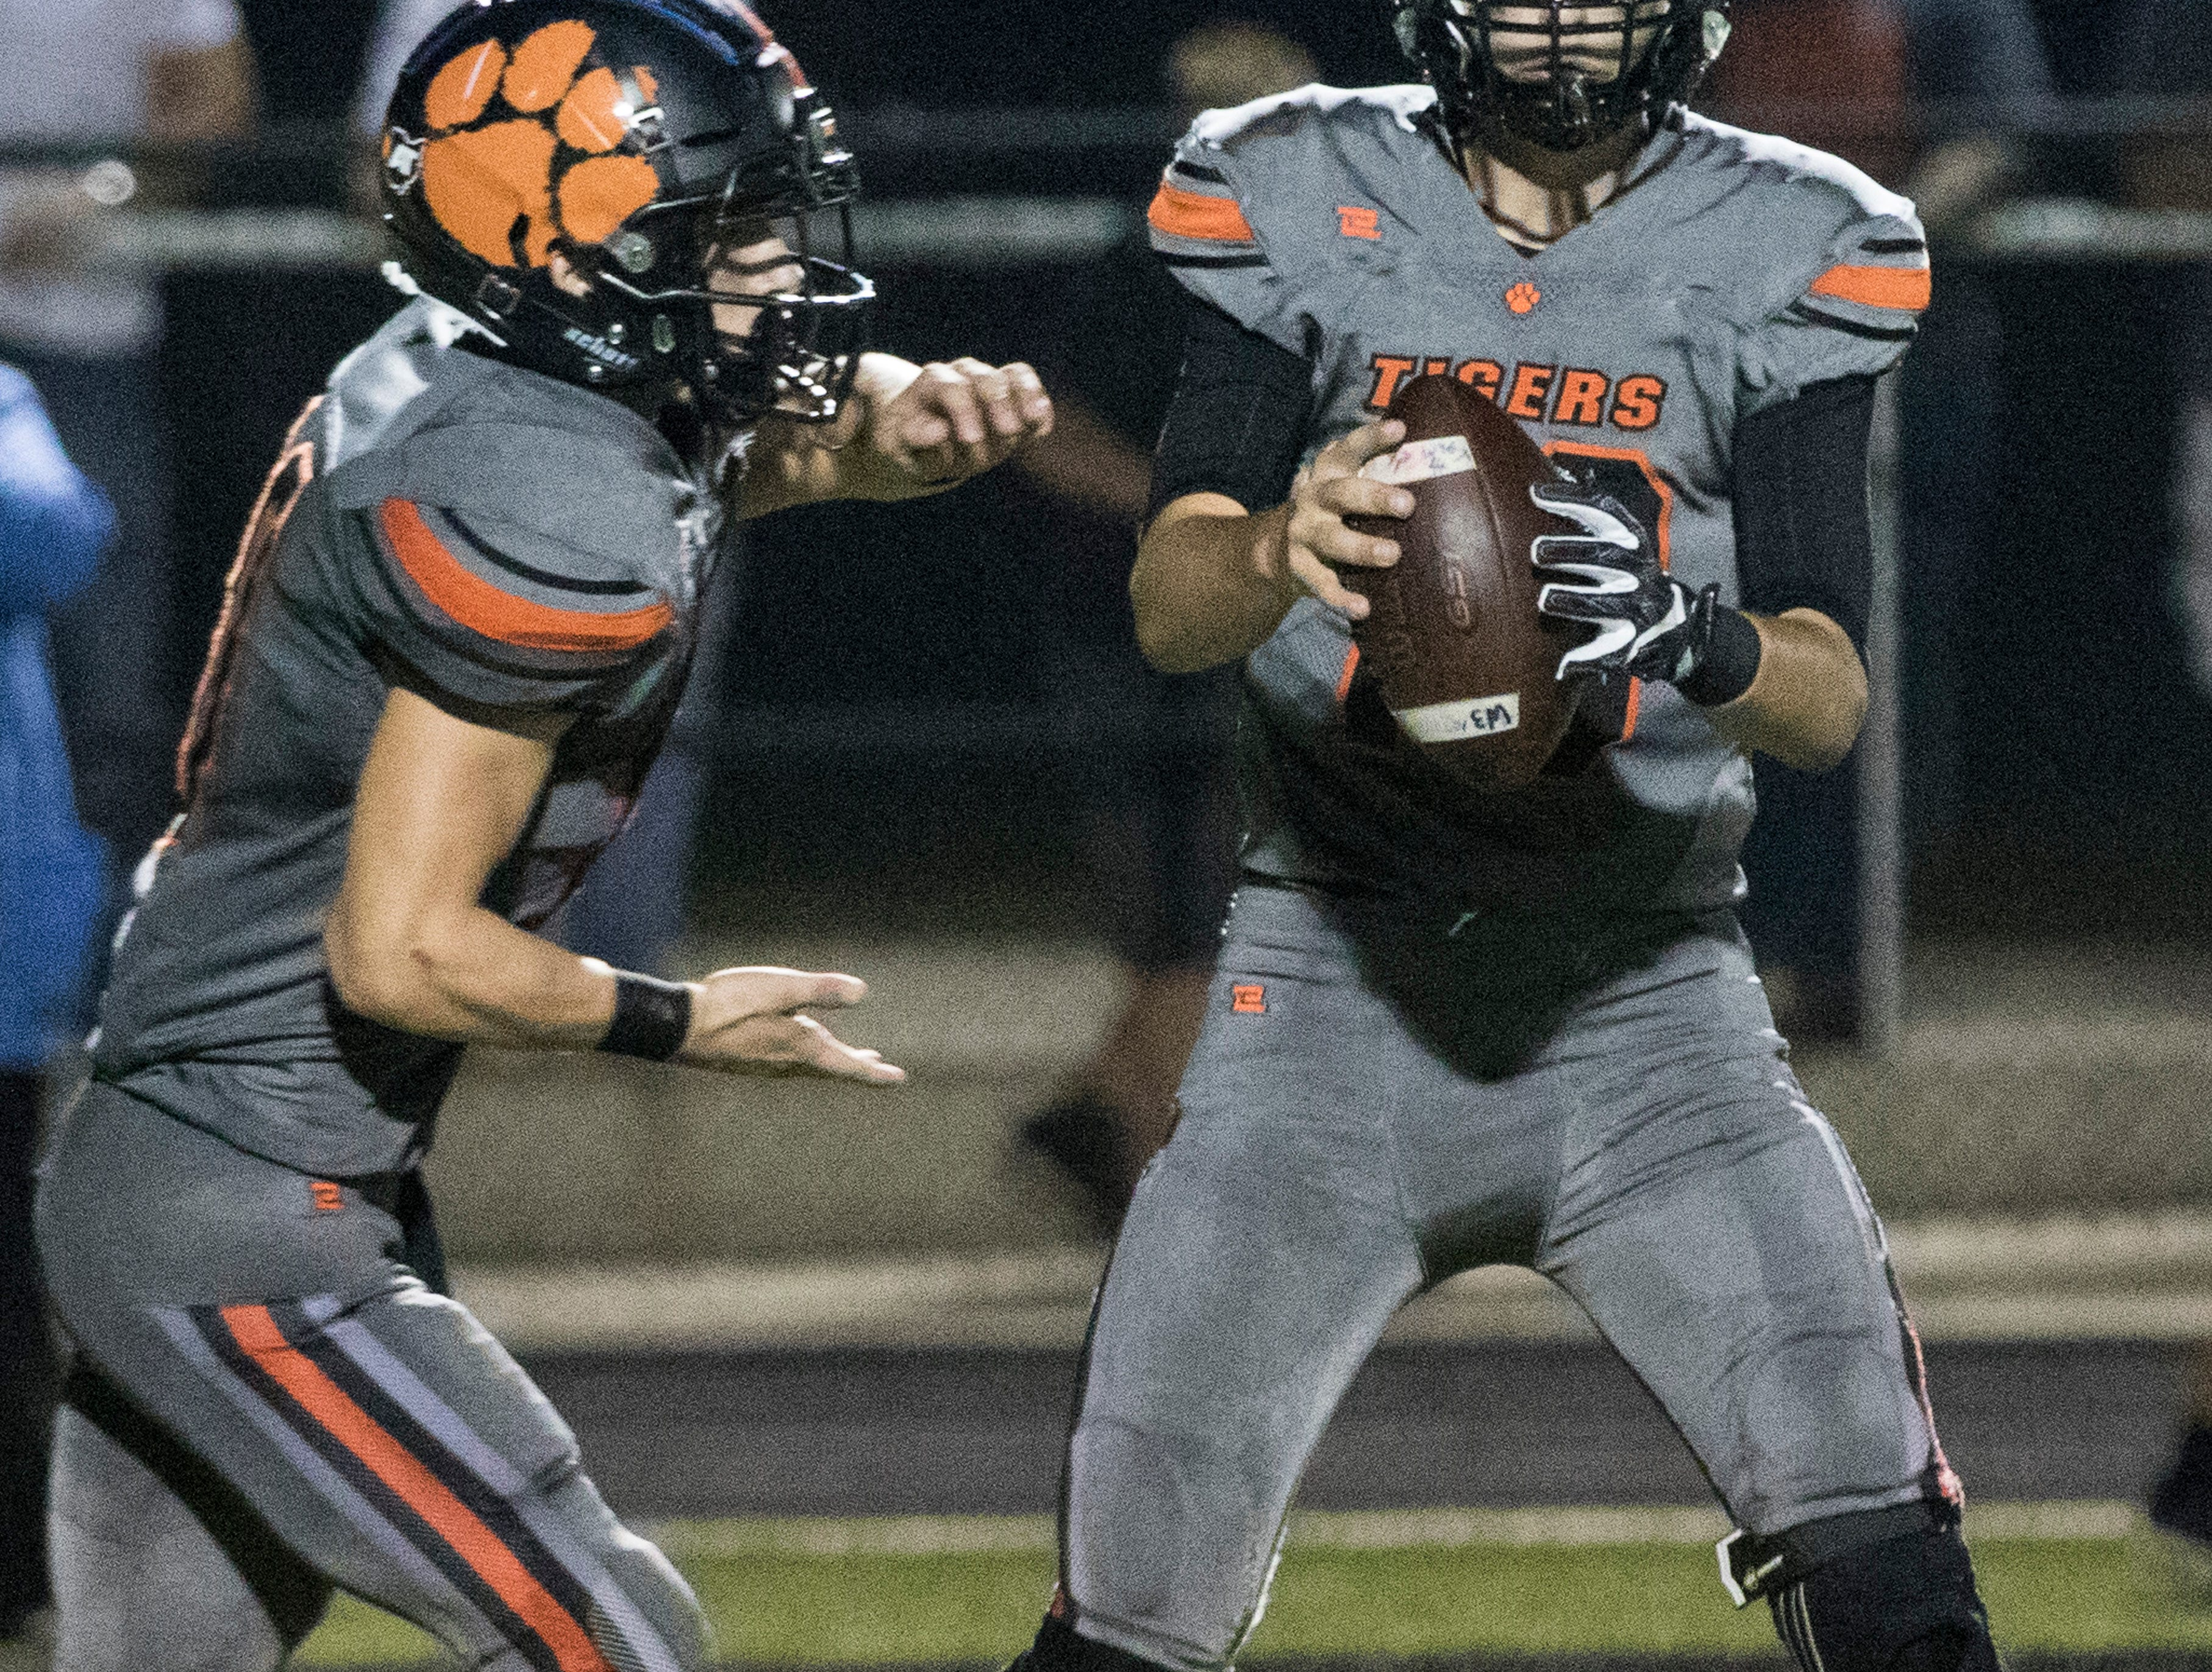 Wheelersburg defeated Waverly Friday night 49-0 in Waverly, Ohio.